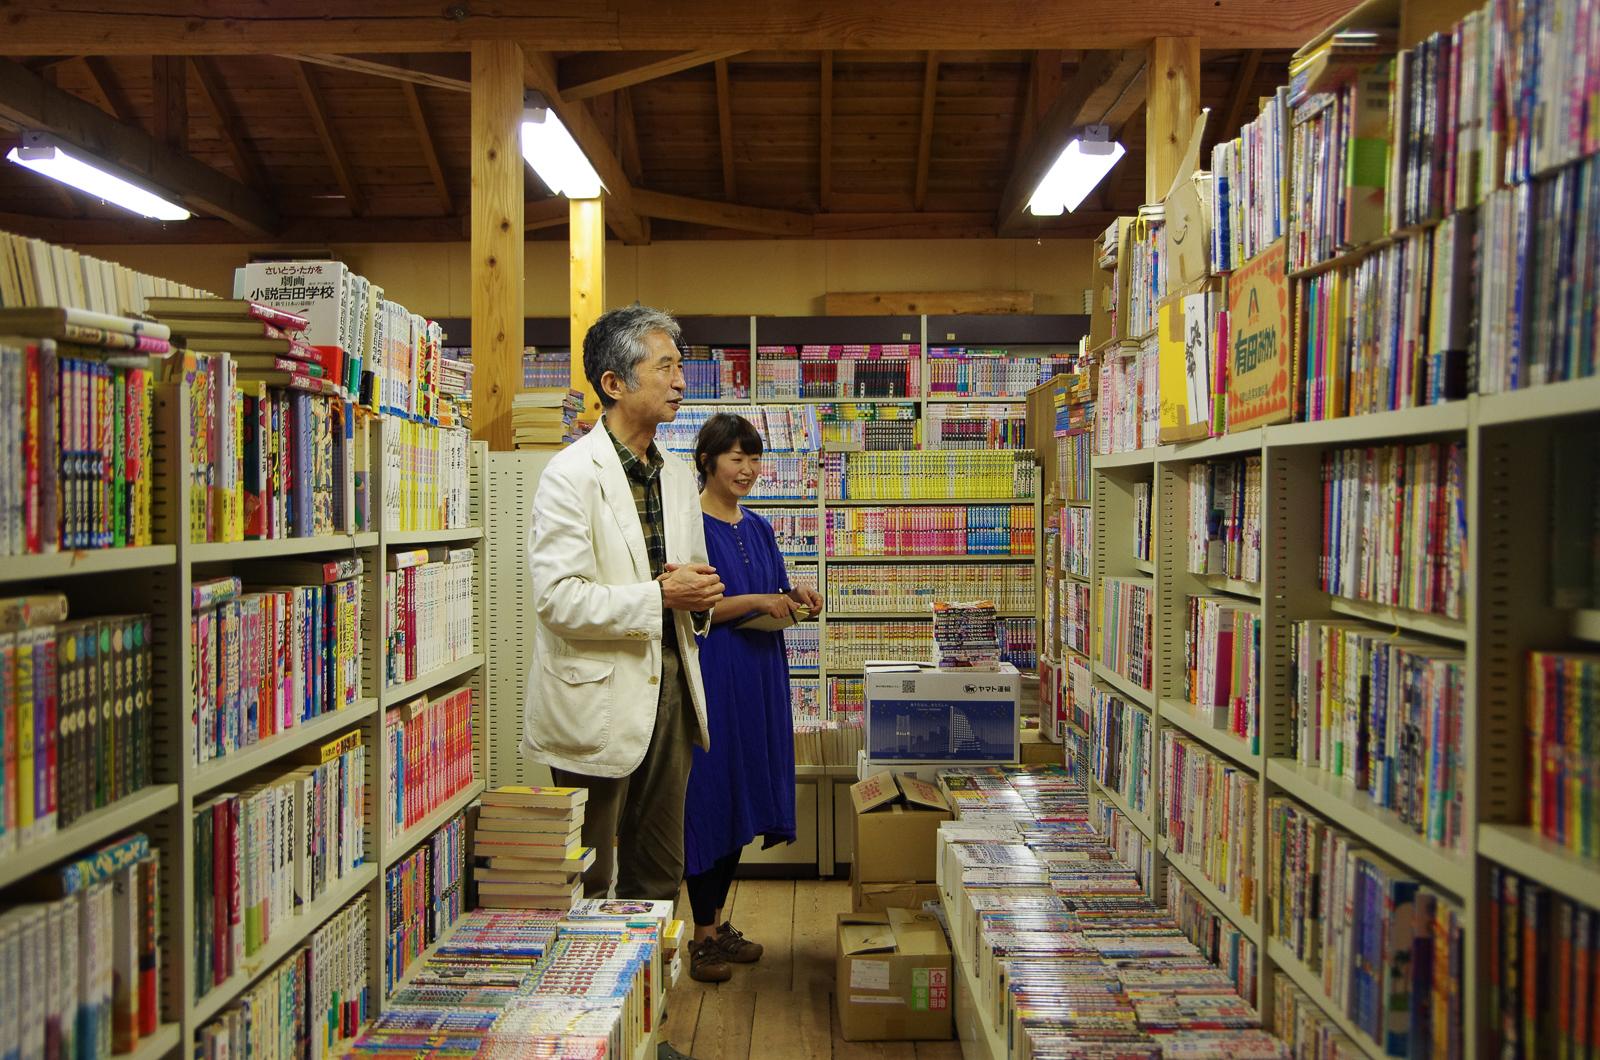 田舎 の 本屋 さん